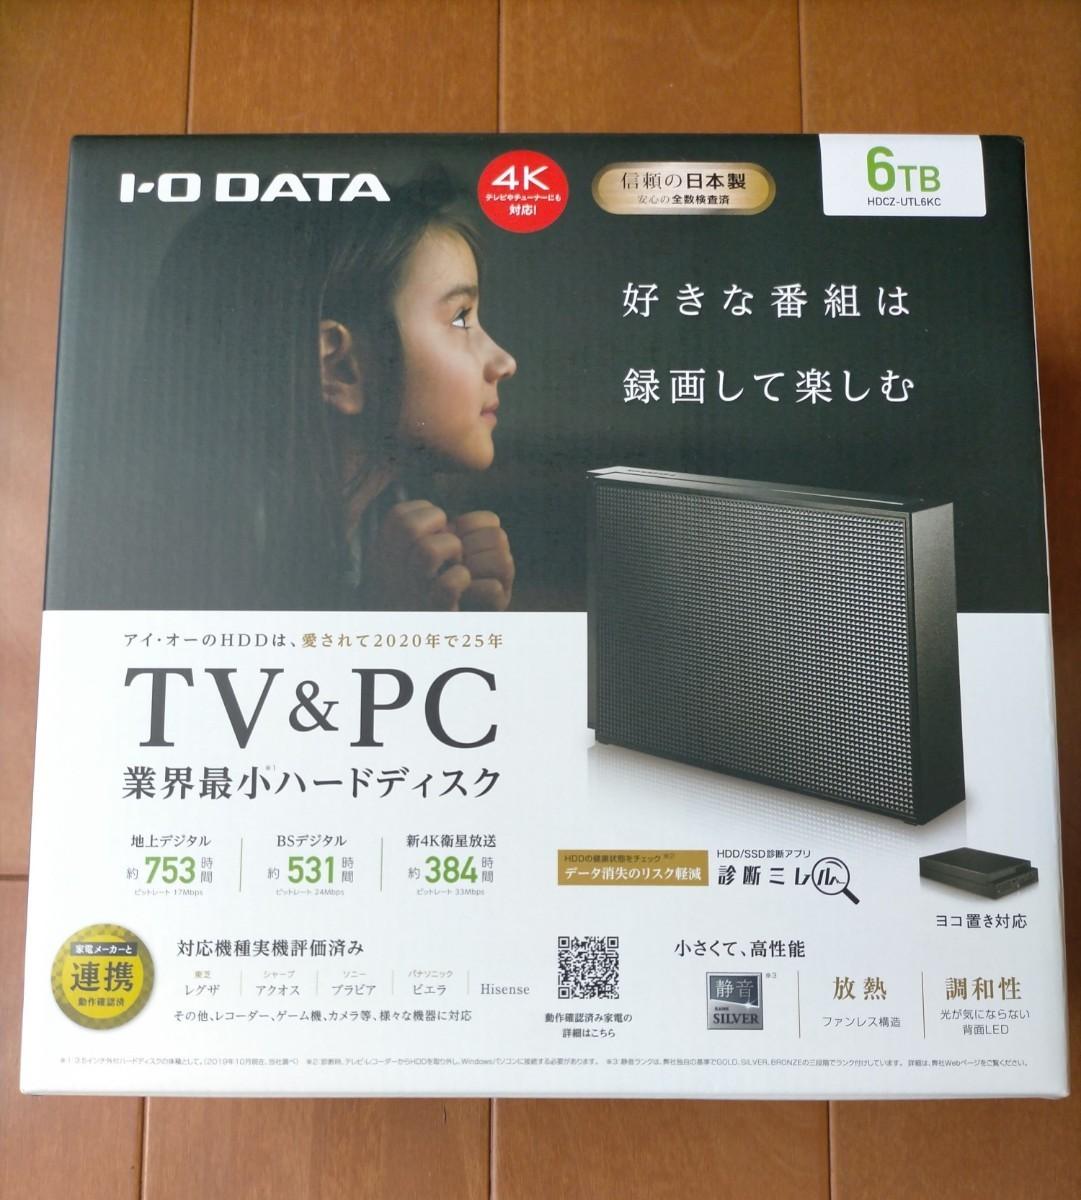 新品未開封品 6TB 外付けハードディスク 外付HDD IODATA